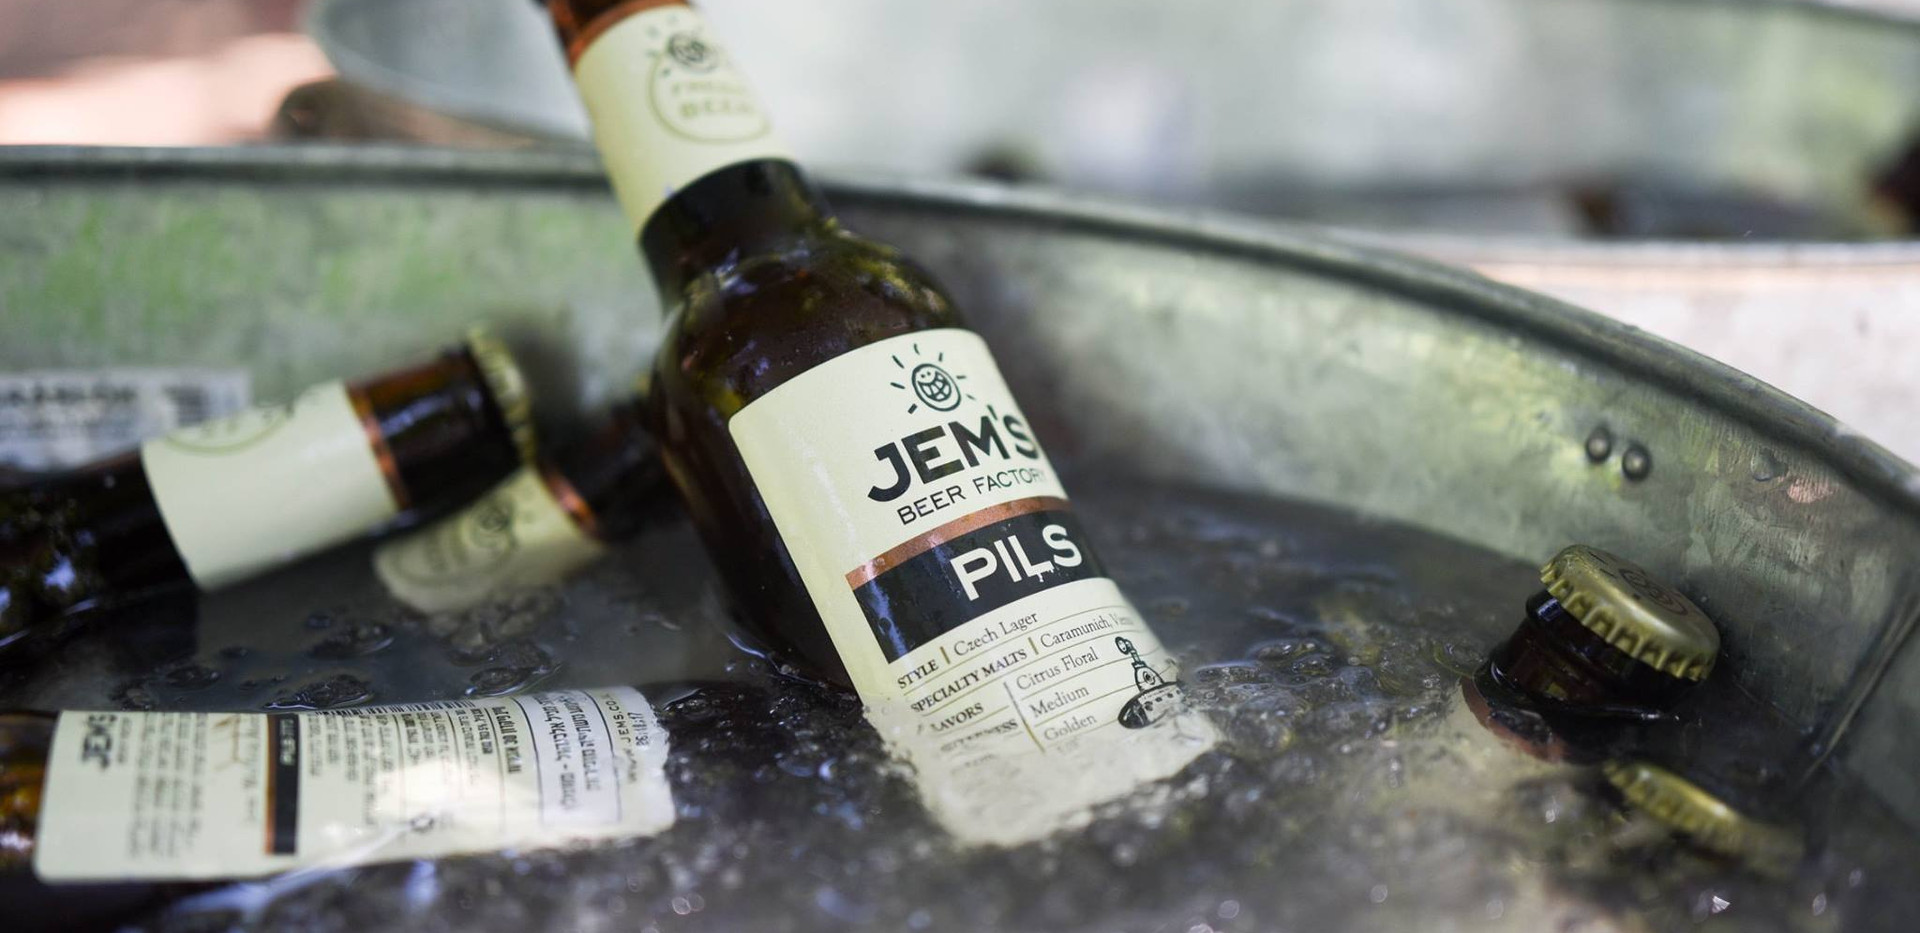 בירה JEMS